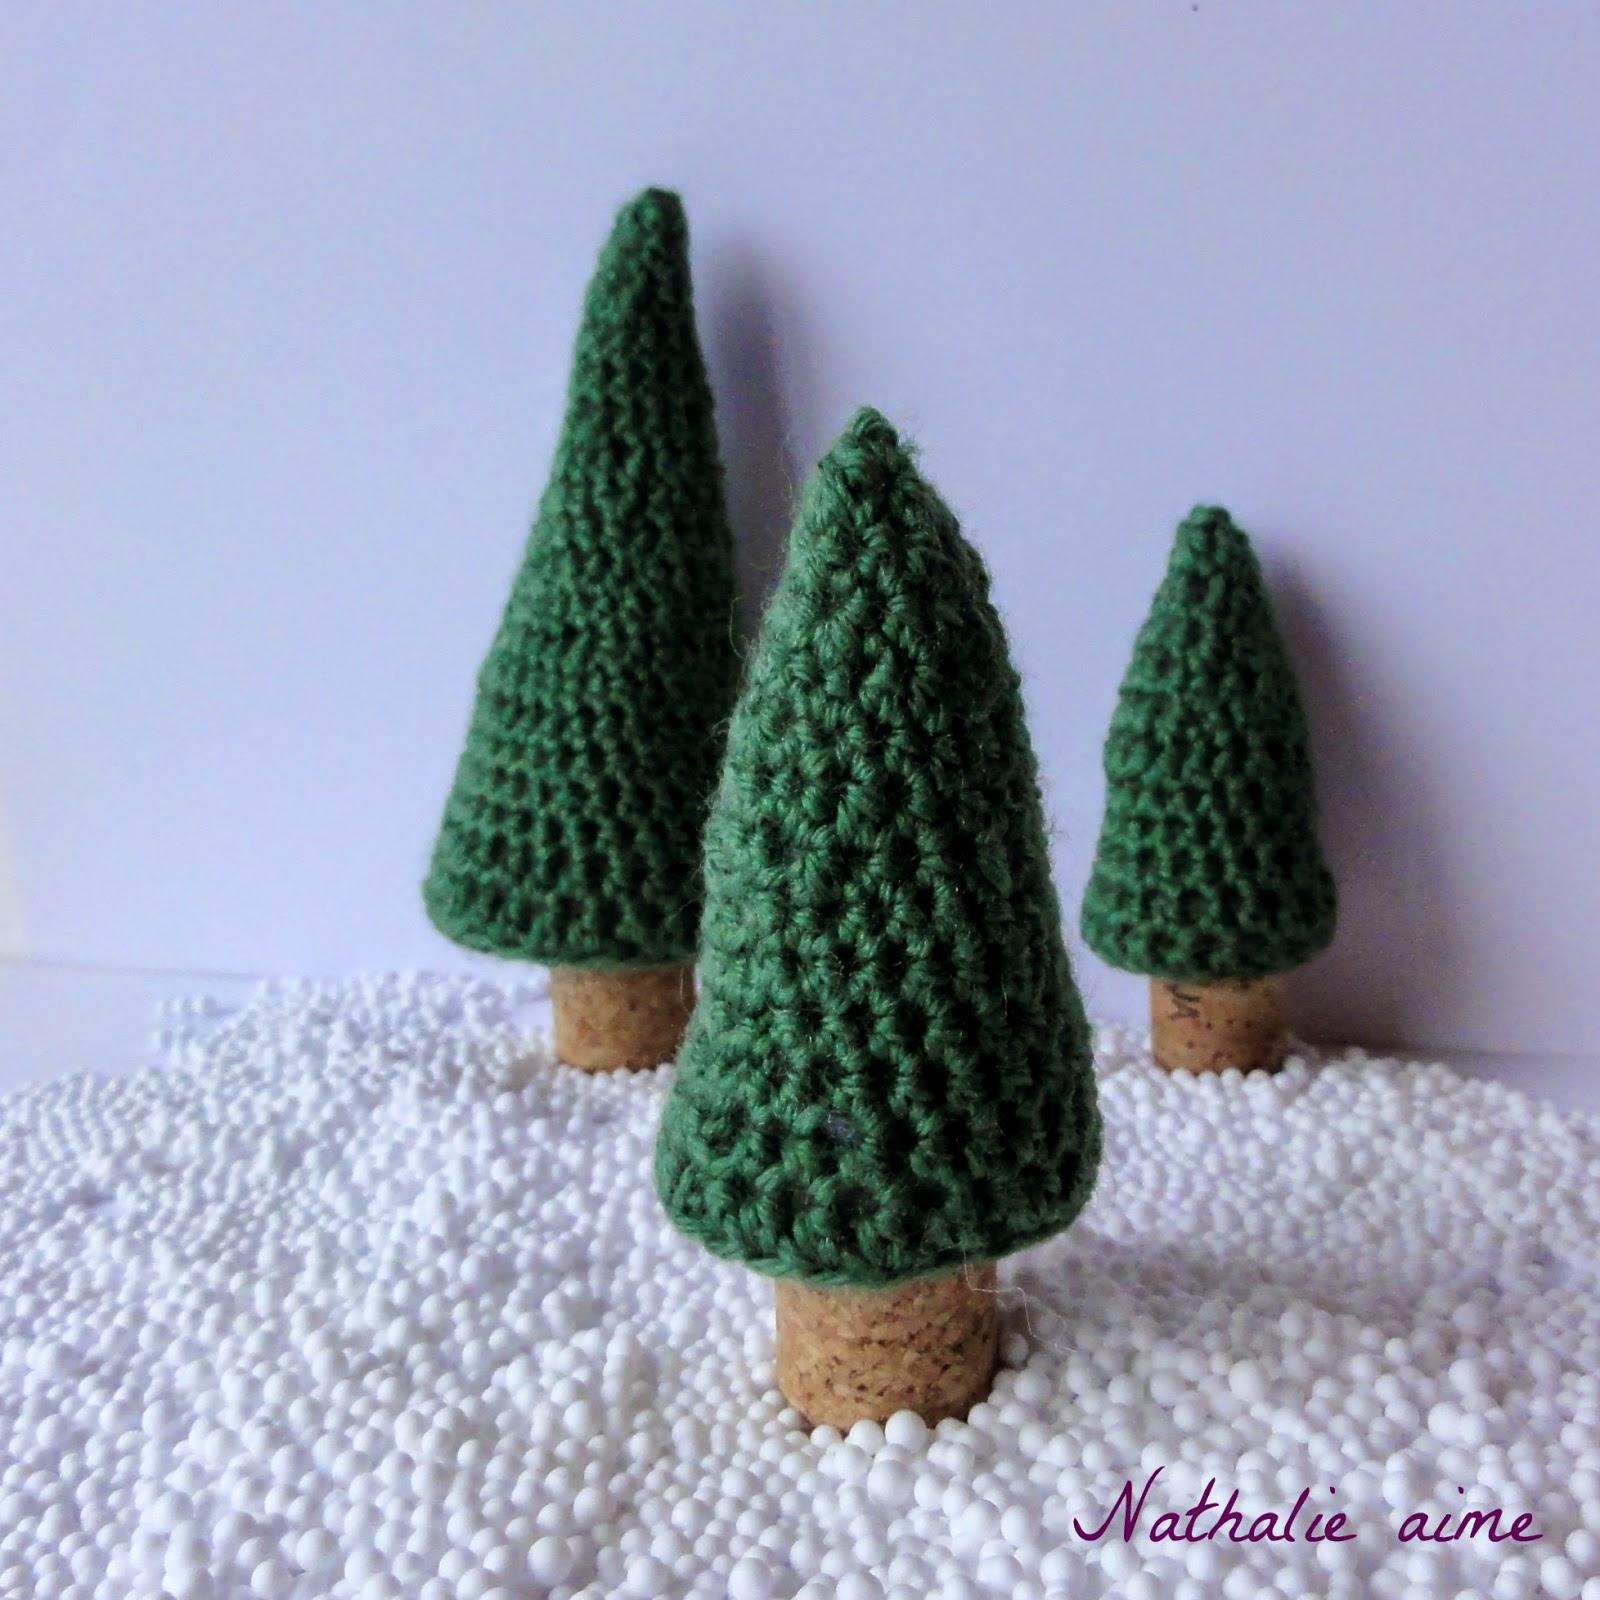 #3F508C Nathalie M: SC # 253 Sapins De Noël Au Crochet Pour Ma Déco 6165 decoration de table de noel au crochet 1600x1600 px @ aertt.com